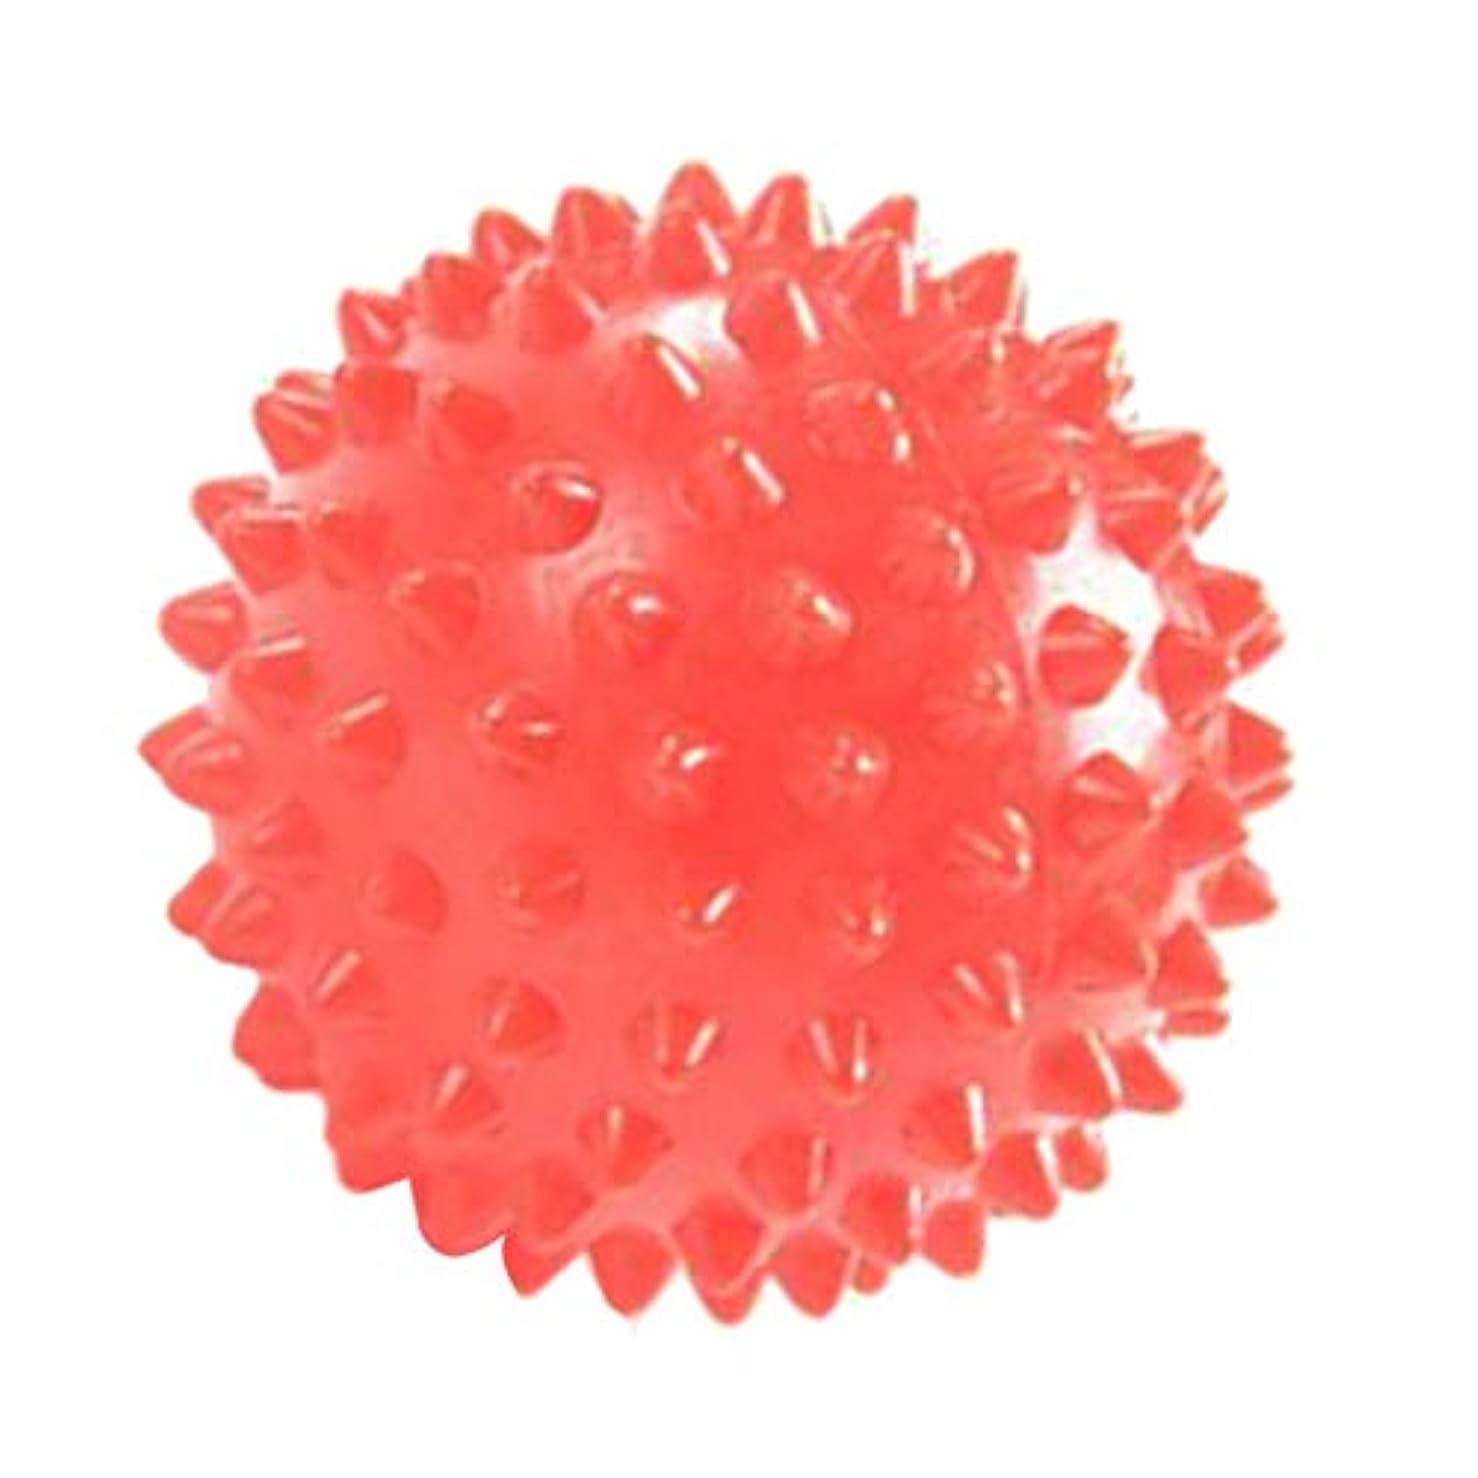 D DOLITY マッサージローラー マッサージボール 触覚ボール リハビリ ヨガ練習 7cm オレンジ